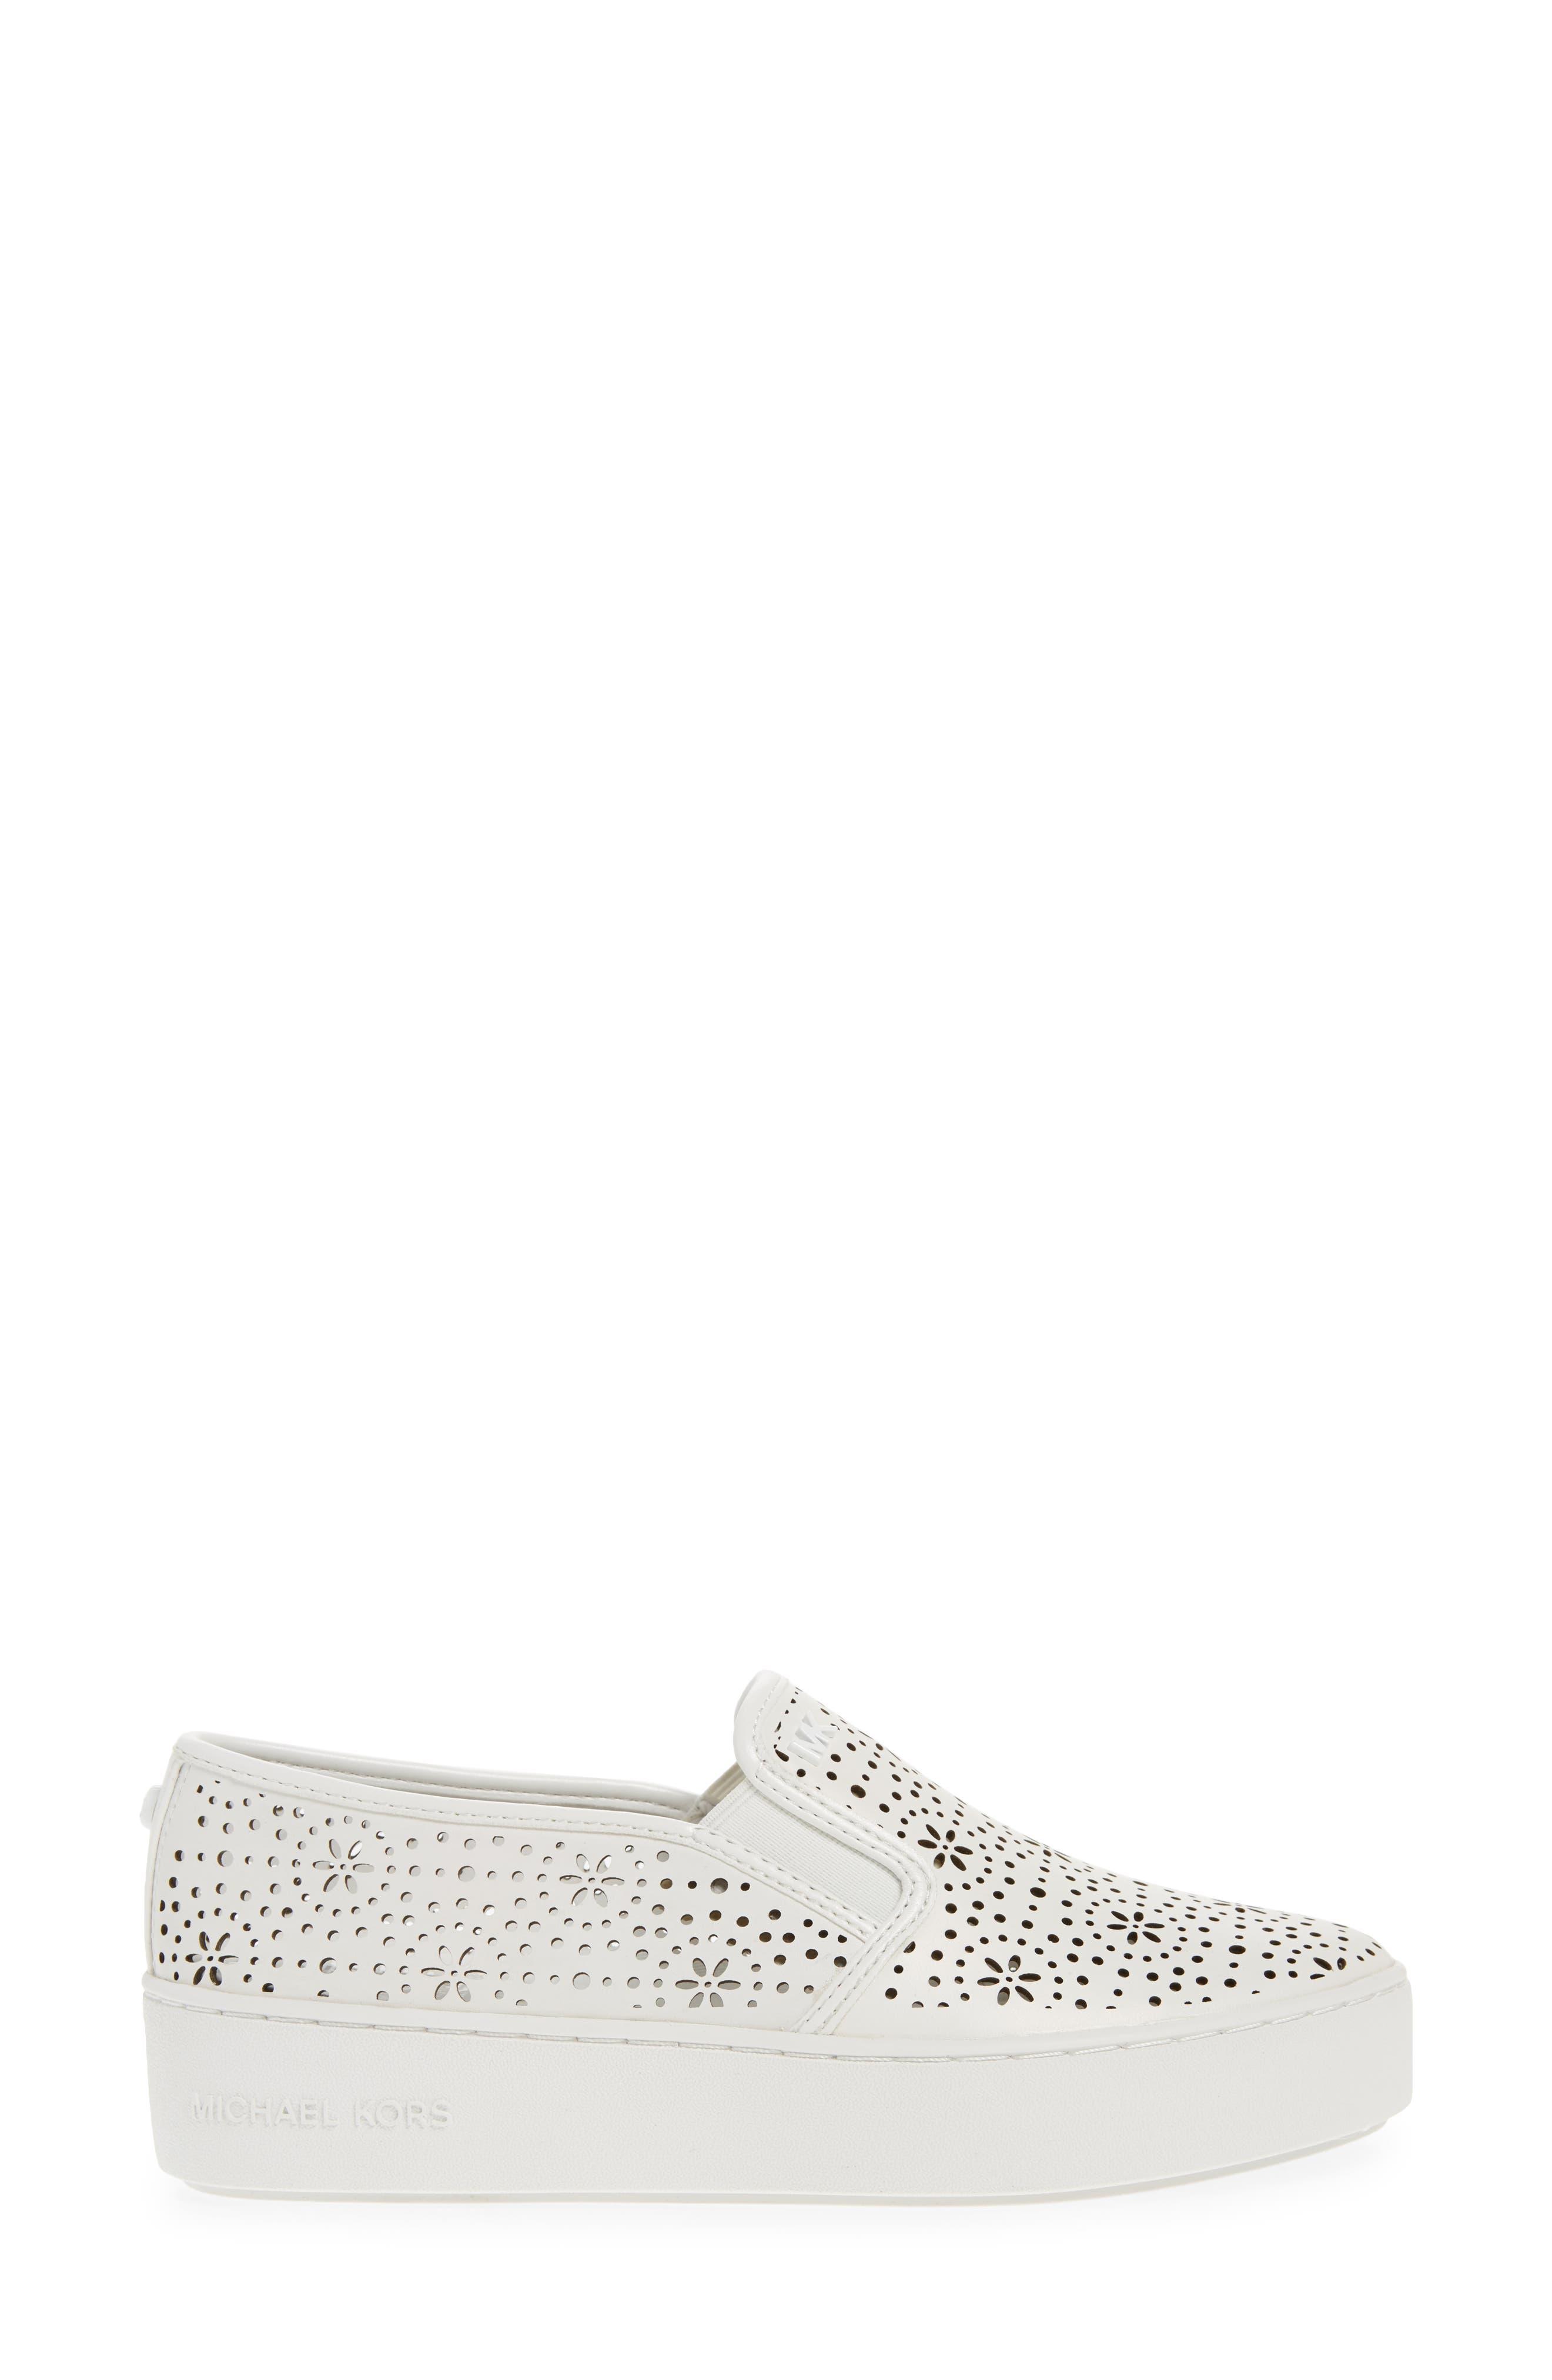 Alternate Image 3  - MICHAEL Michael Kors Trent Slip-On Sneaker (Women)